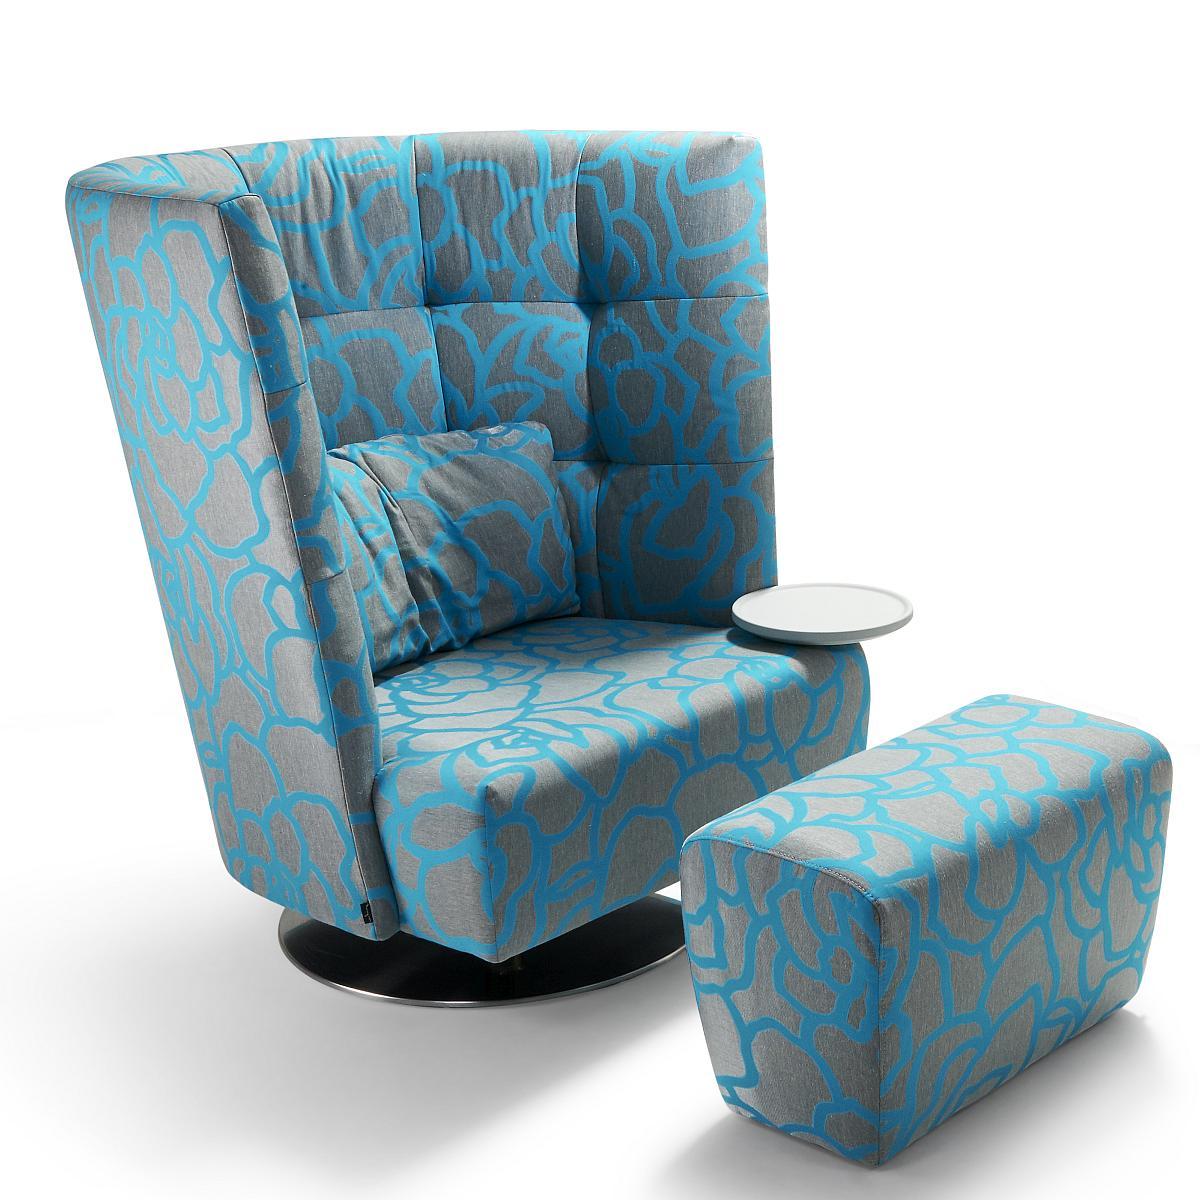 MATHEO Sessel hoch mit Hocker in HIPO türkis